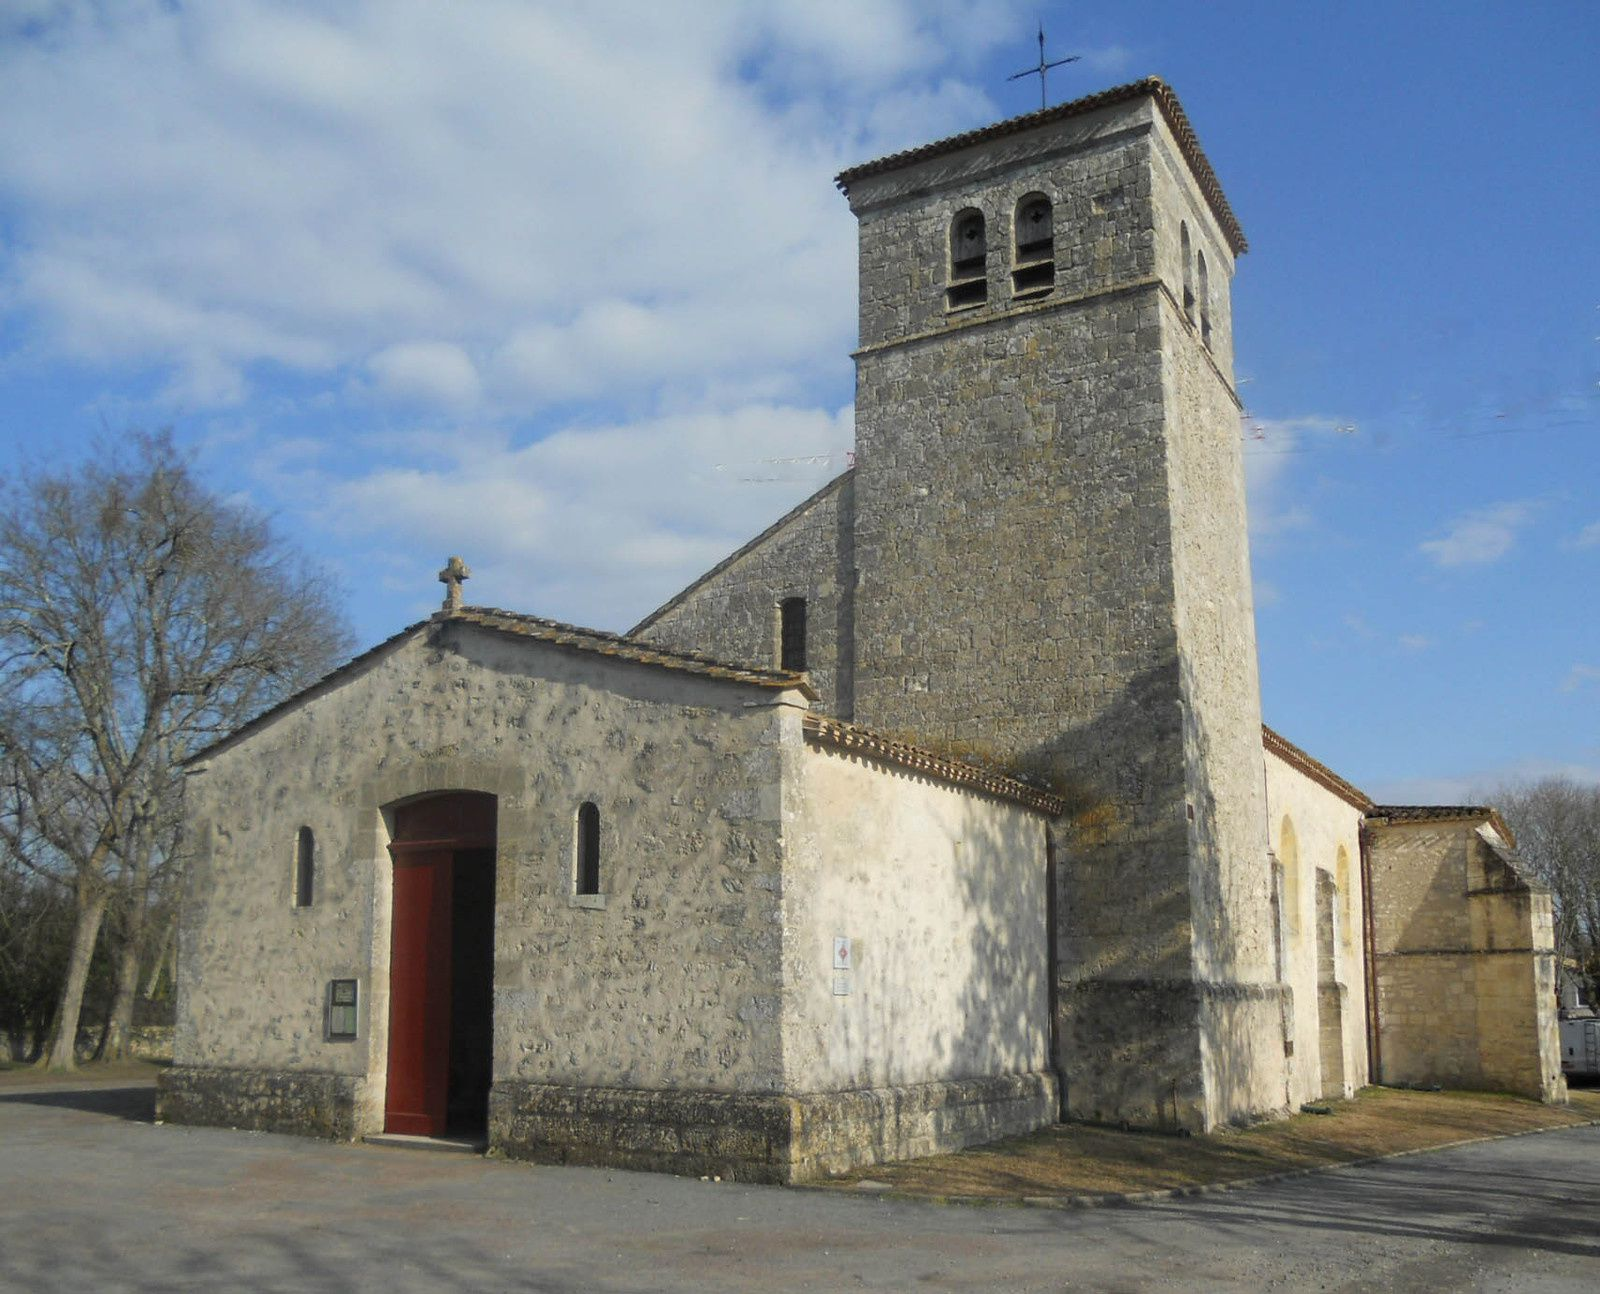 église Saint-Martin de Villenave d'Ornon Gironde